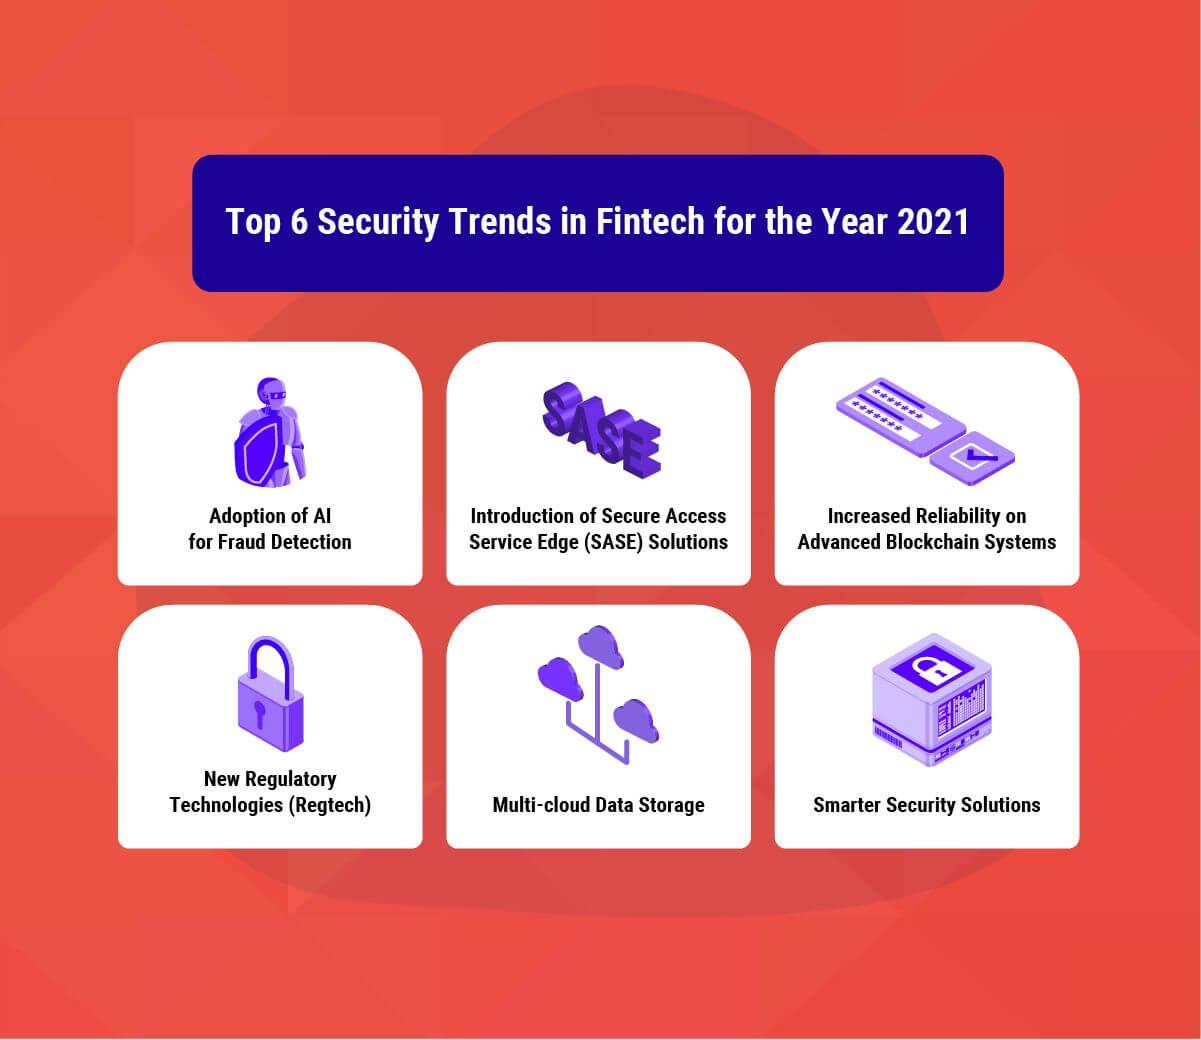 Top 6 Fintech Security Trends in 2021